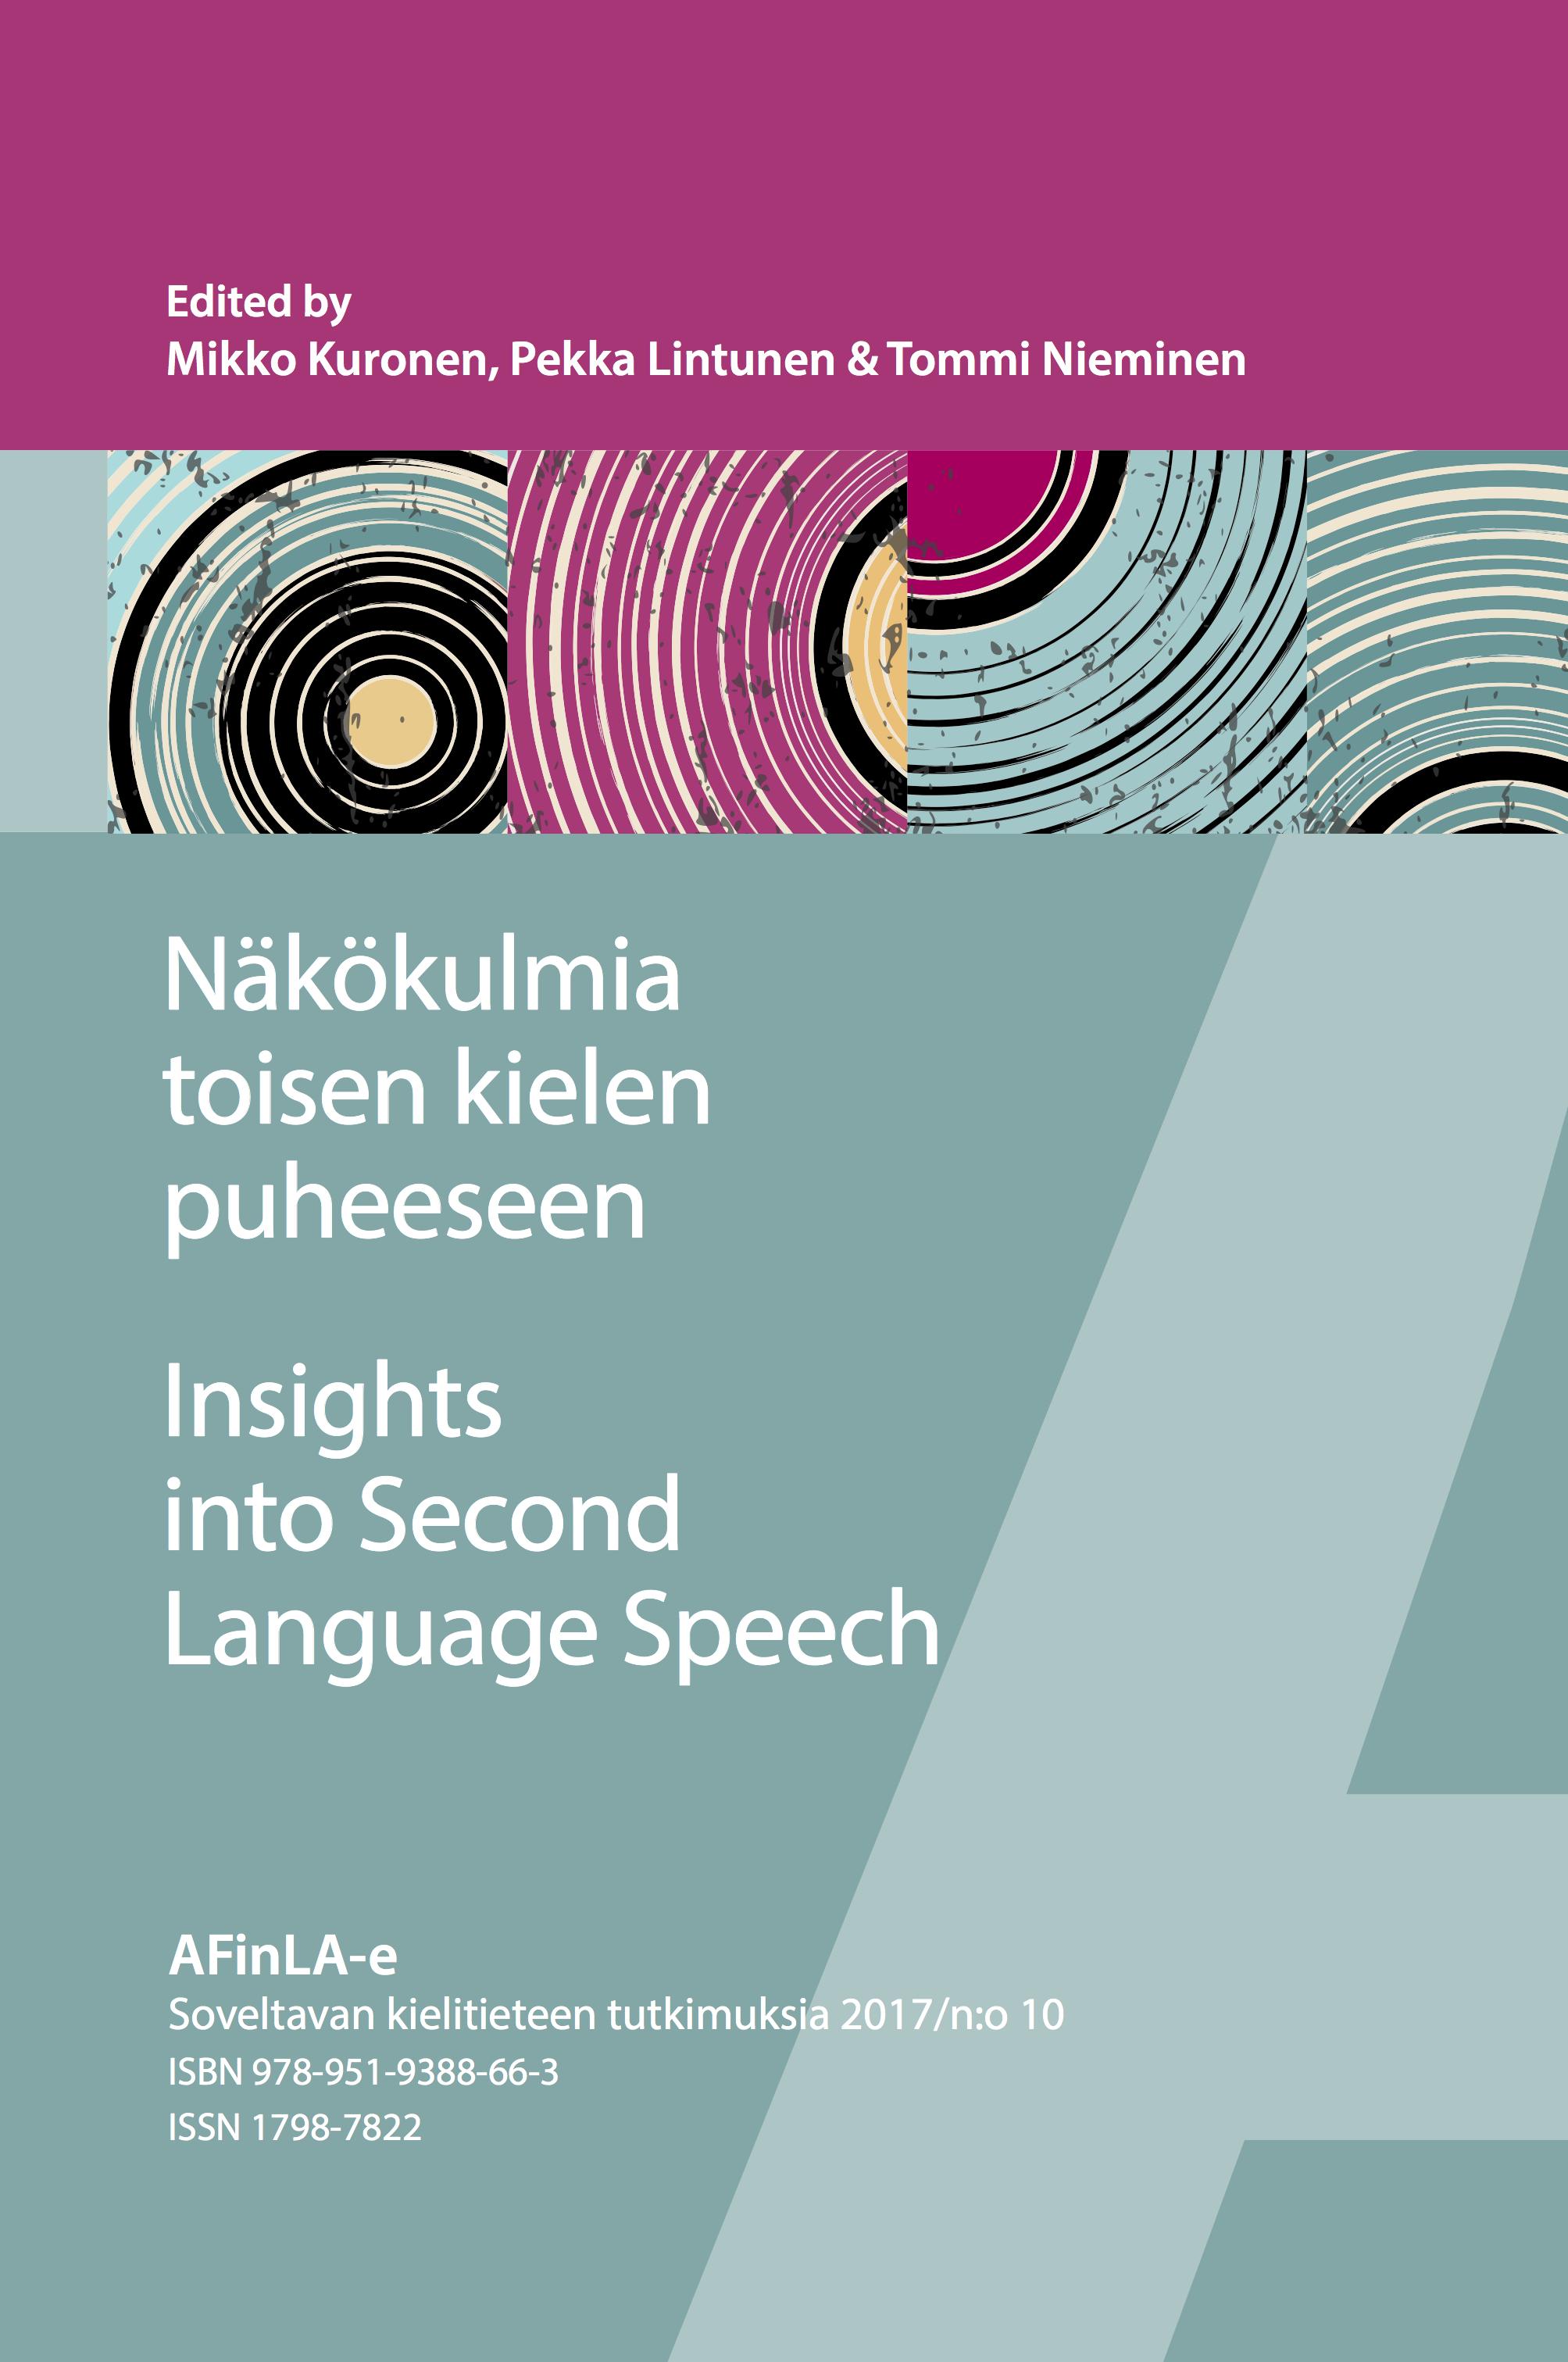 Nro 10 (2017): Näkökulmia toisen kielen puheeseen. Insights into Second Language Speech.